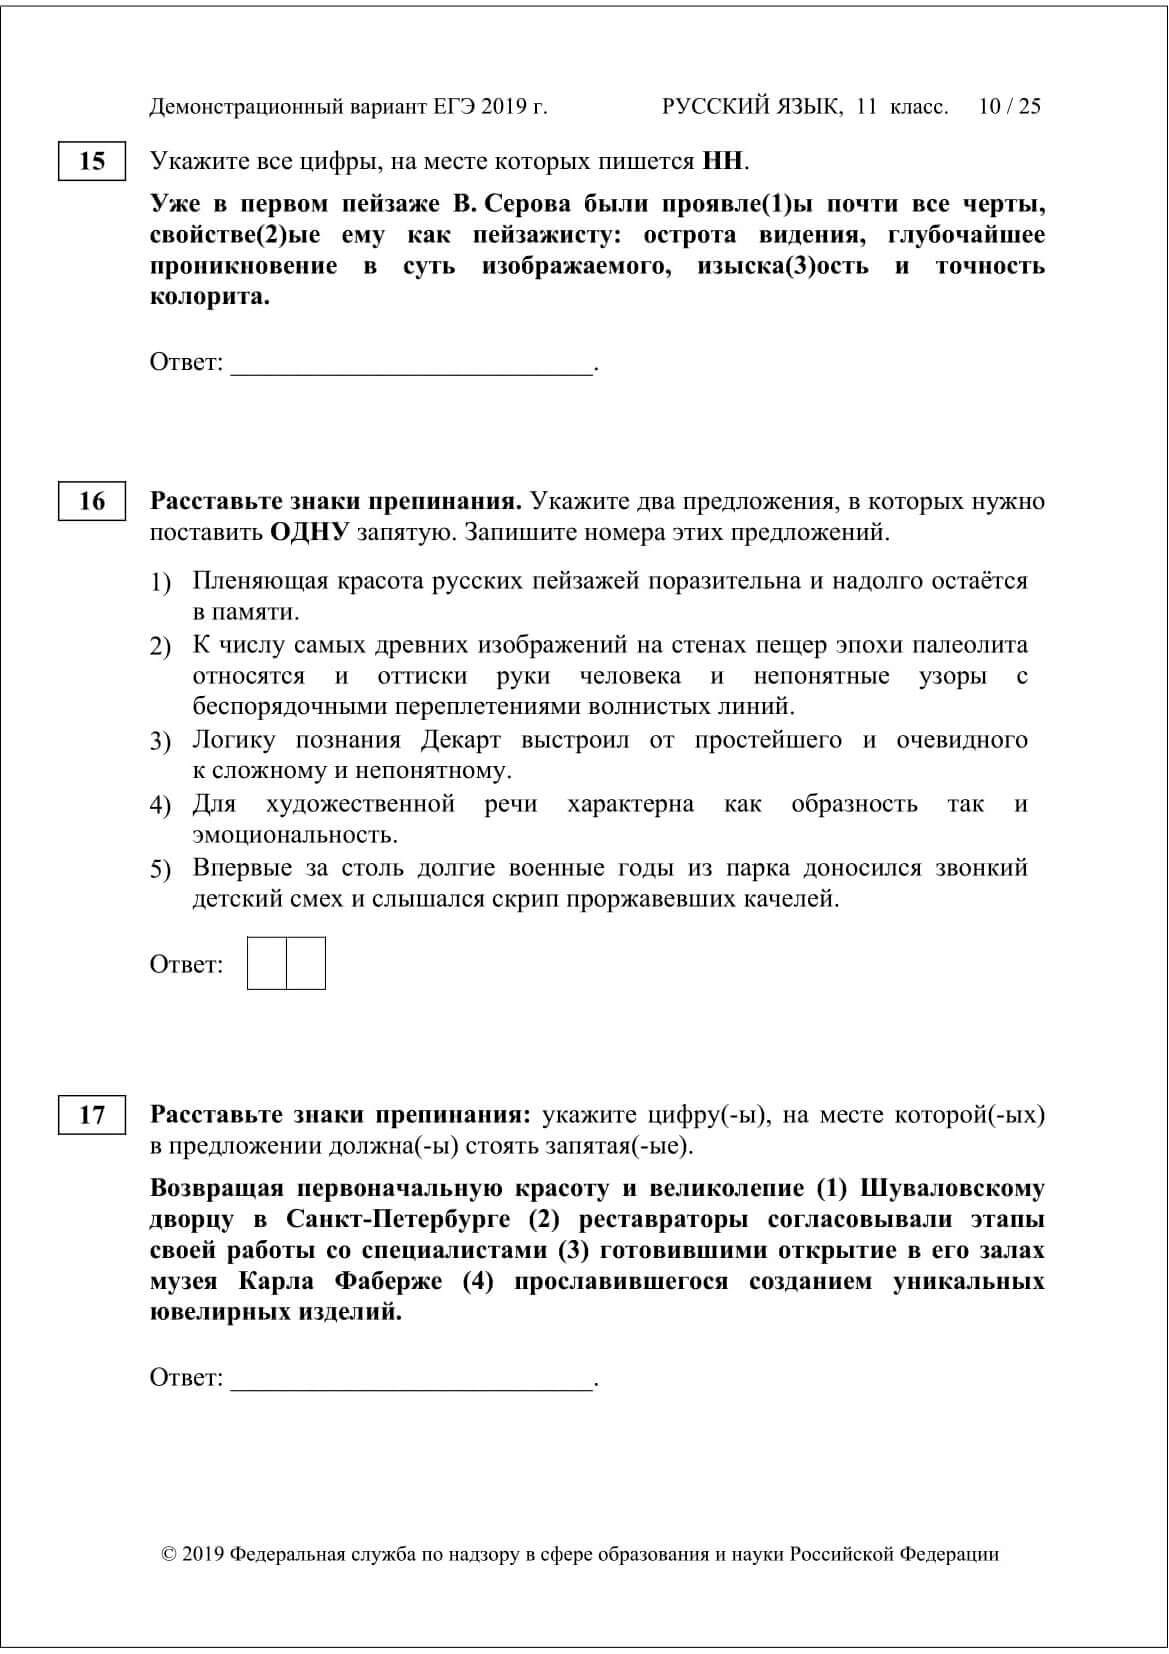 демо русский язык 2019